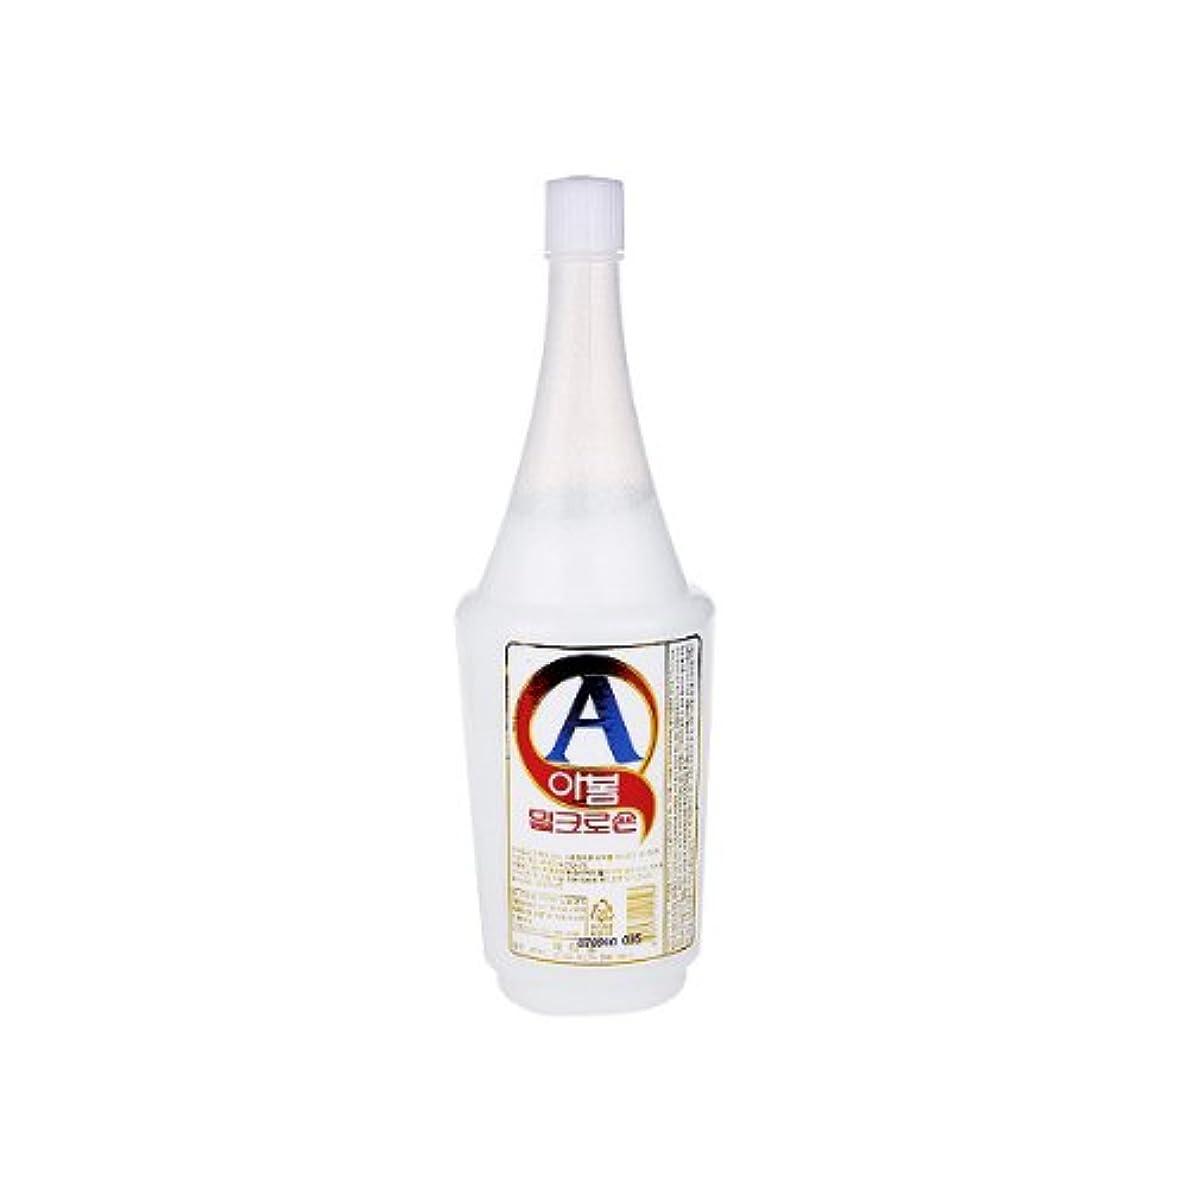 ネスト苦情文句眩惑するアボム ミルクローション 450ml マッサージ用 乳液 業務用